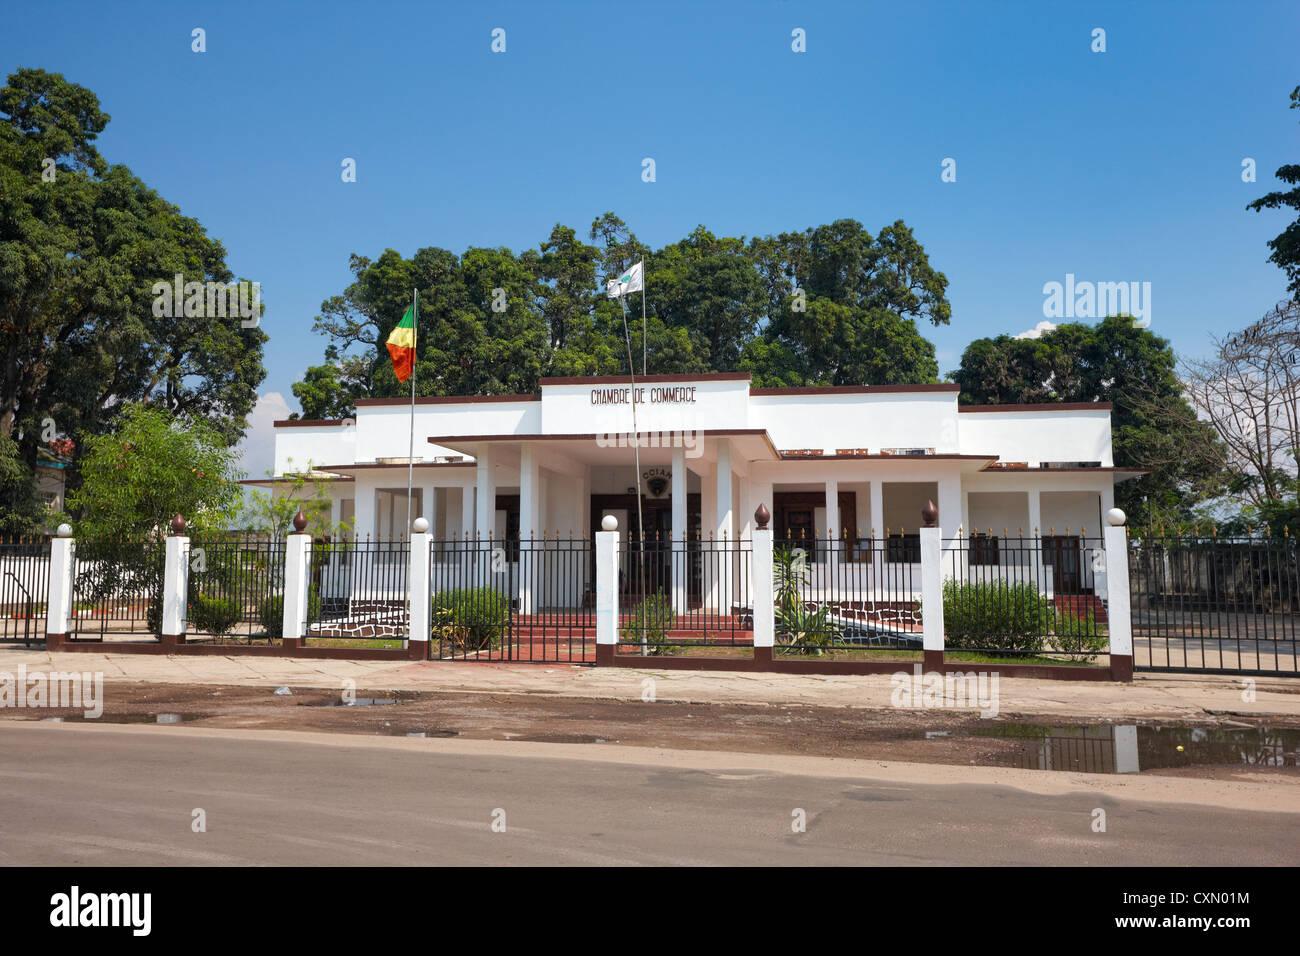 Chambre de Commerce, Brazzaville, Republic of Congo, Africa - Stock Image